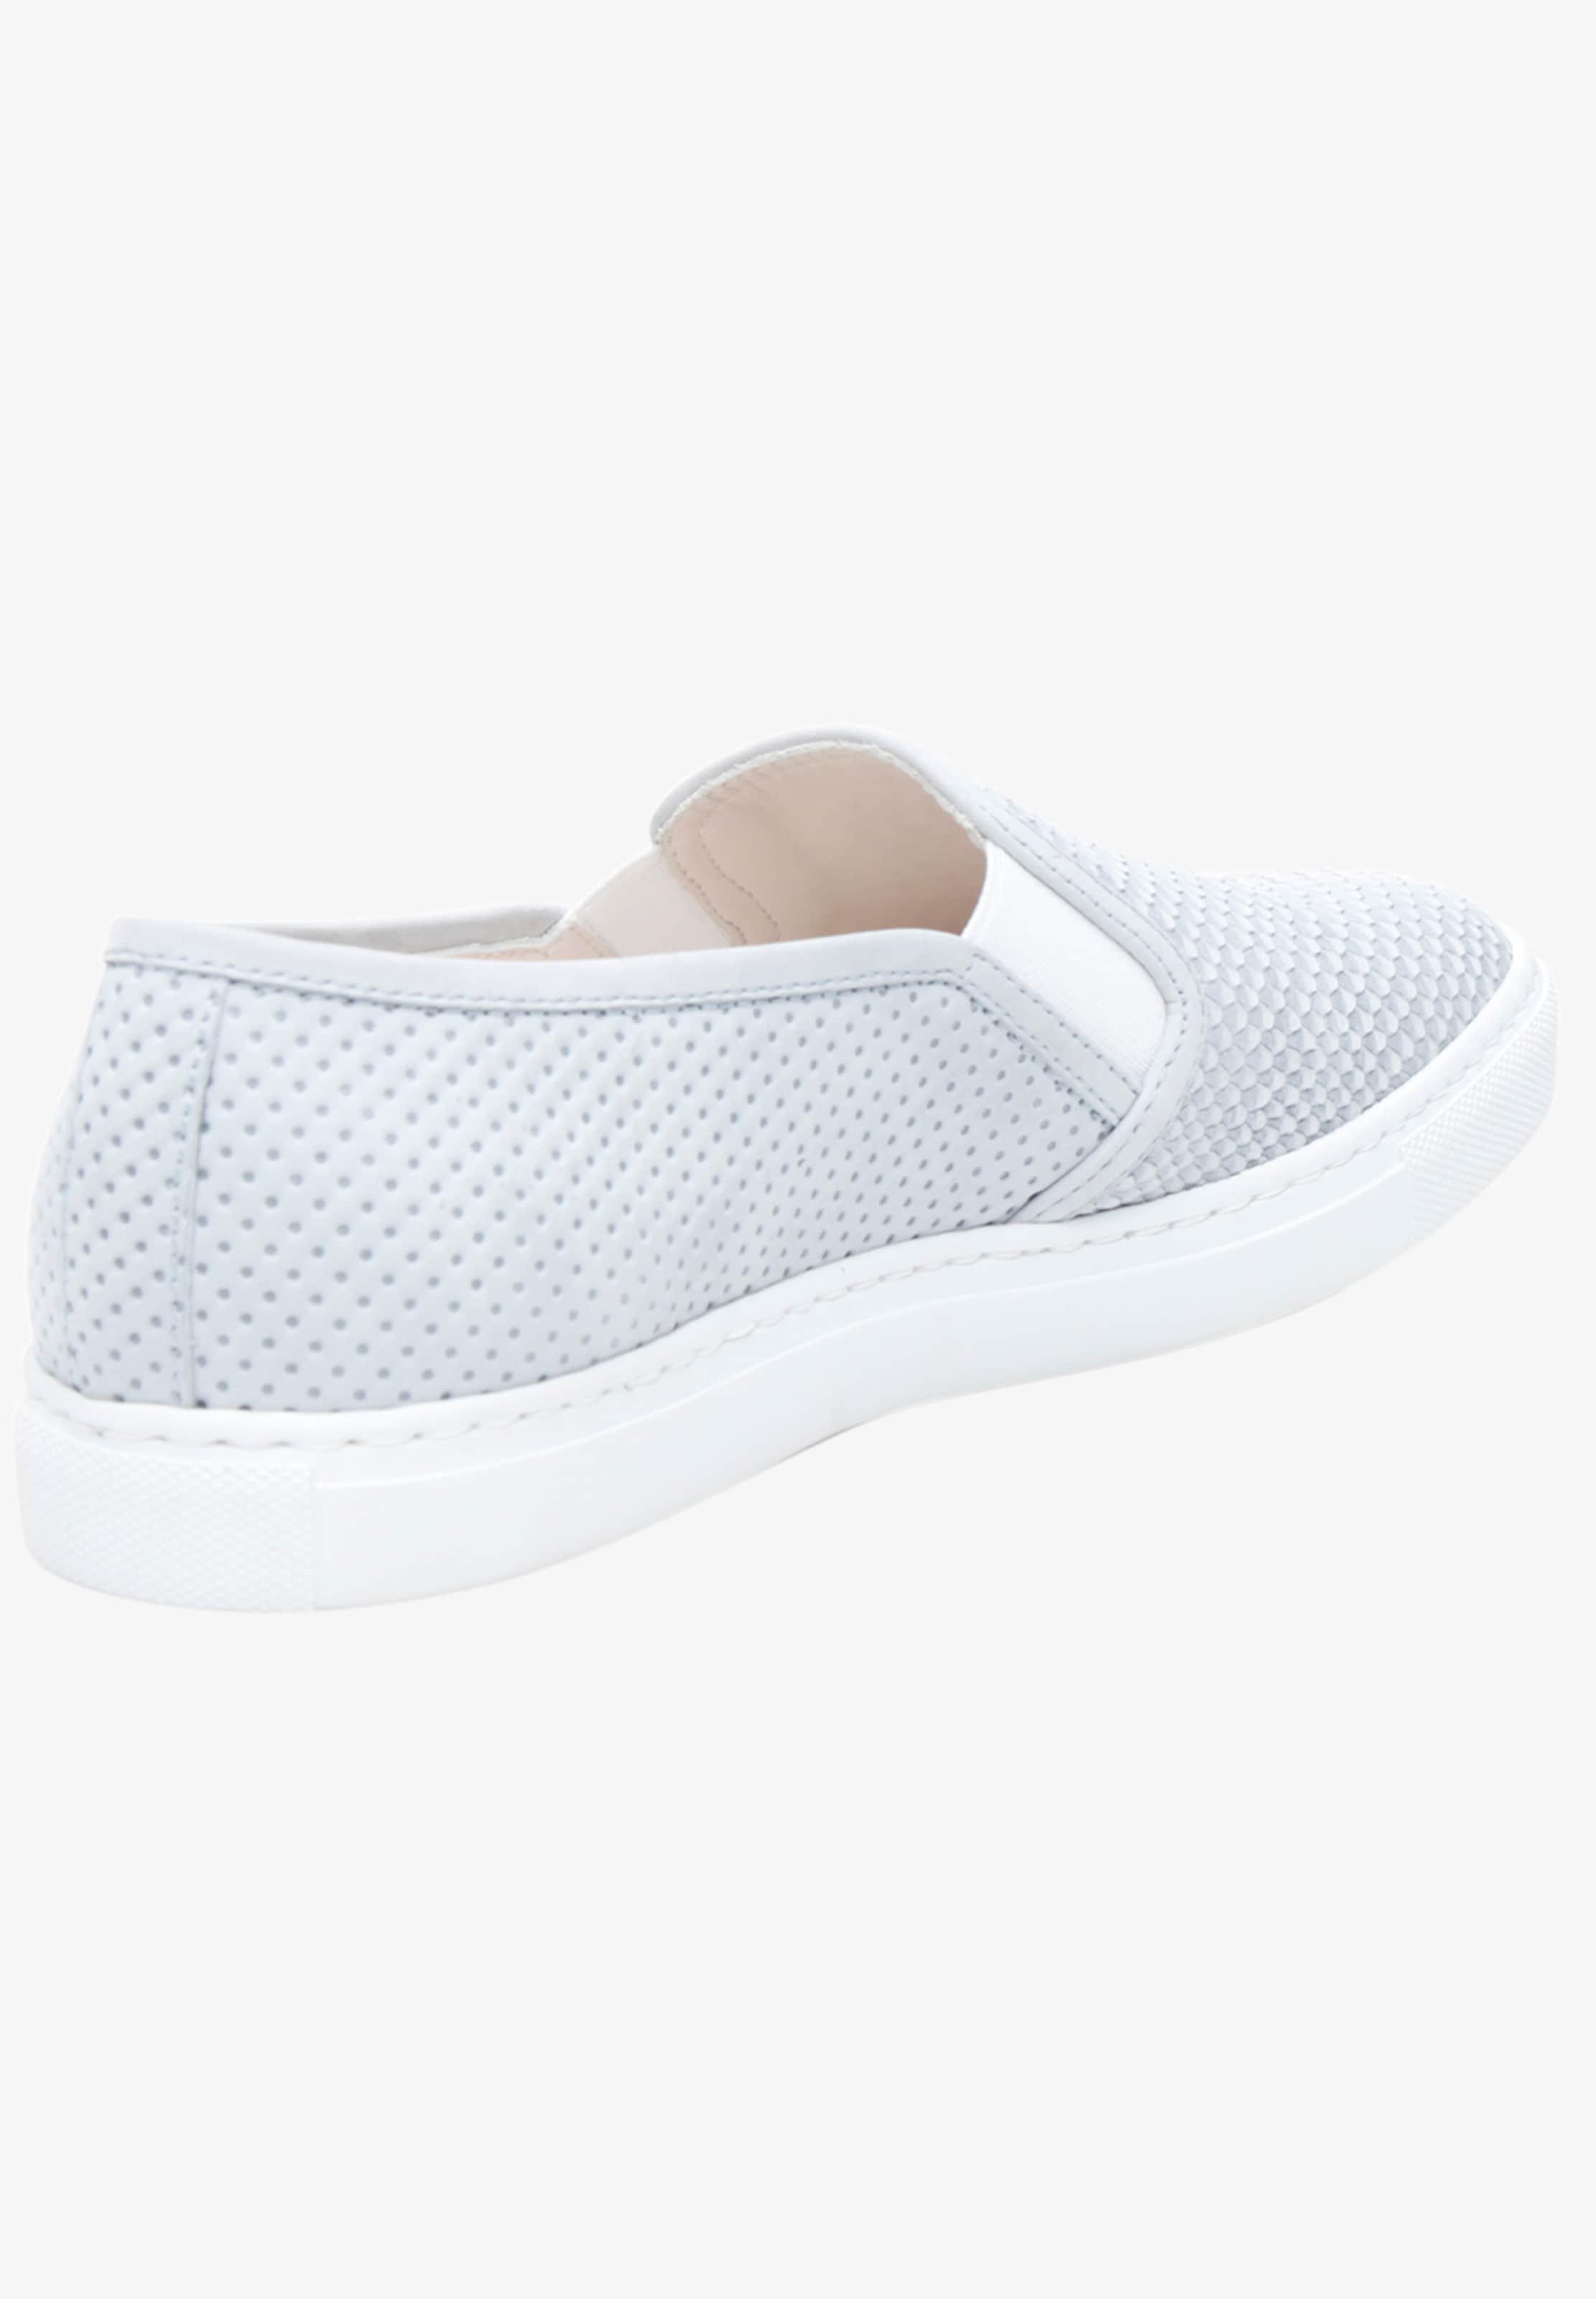 Wahl SHOEPASSION Sneaker 'No. 91 WS' Billig Mit Paypal Einkaufen q6C4ftCJr